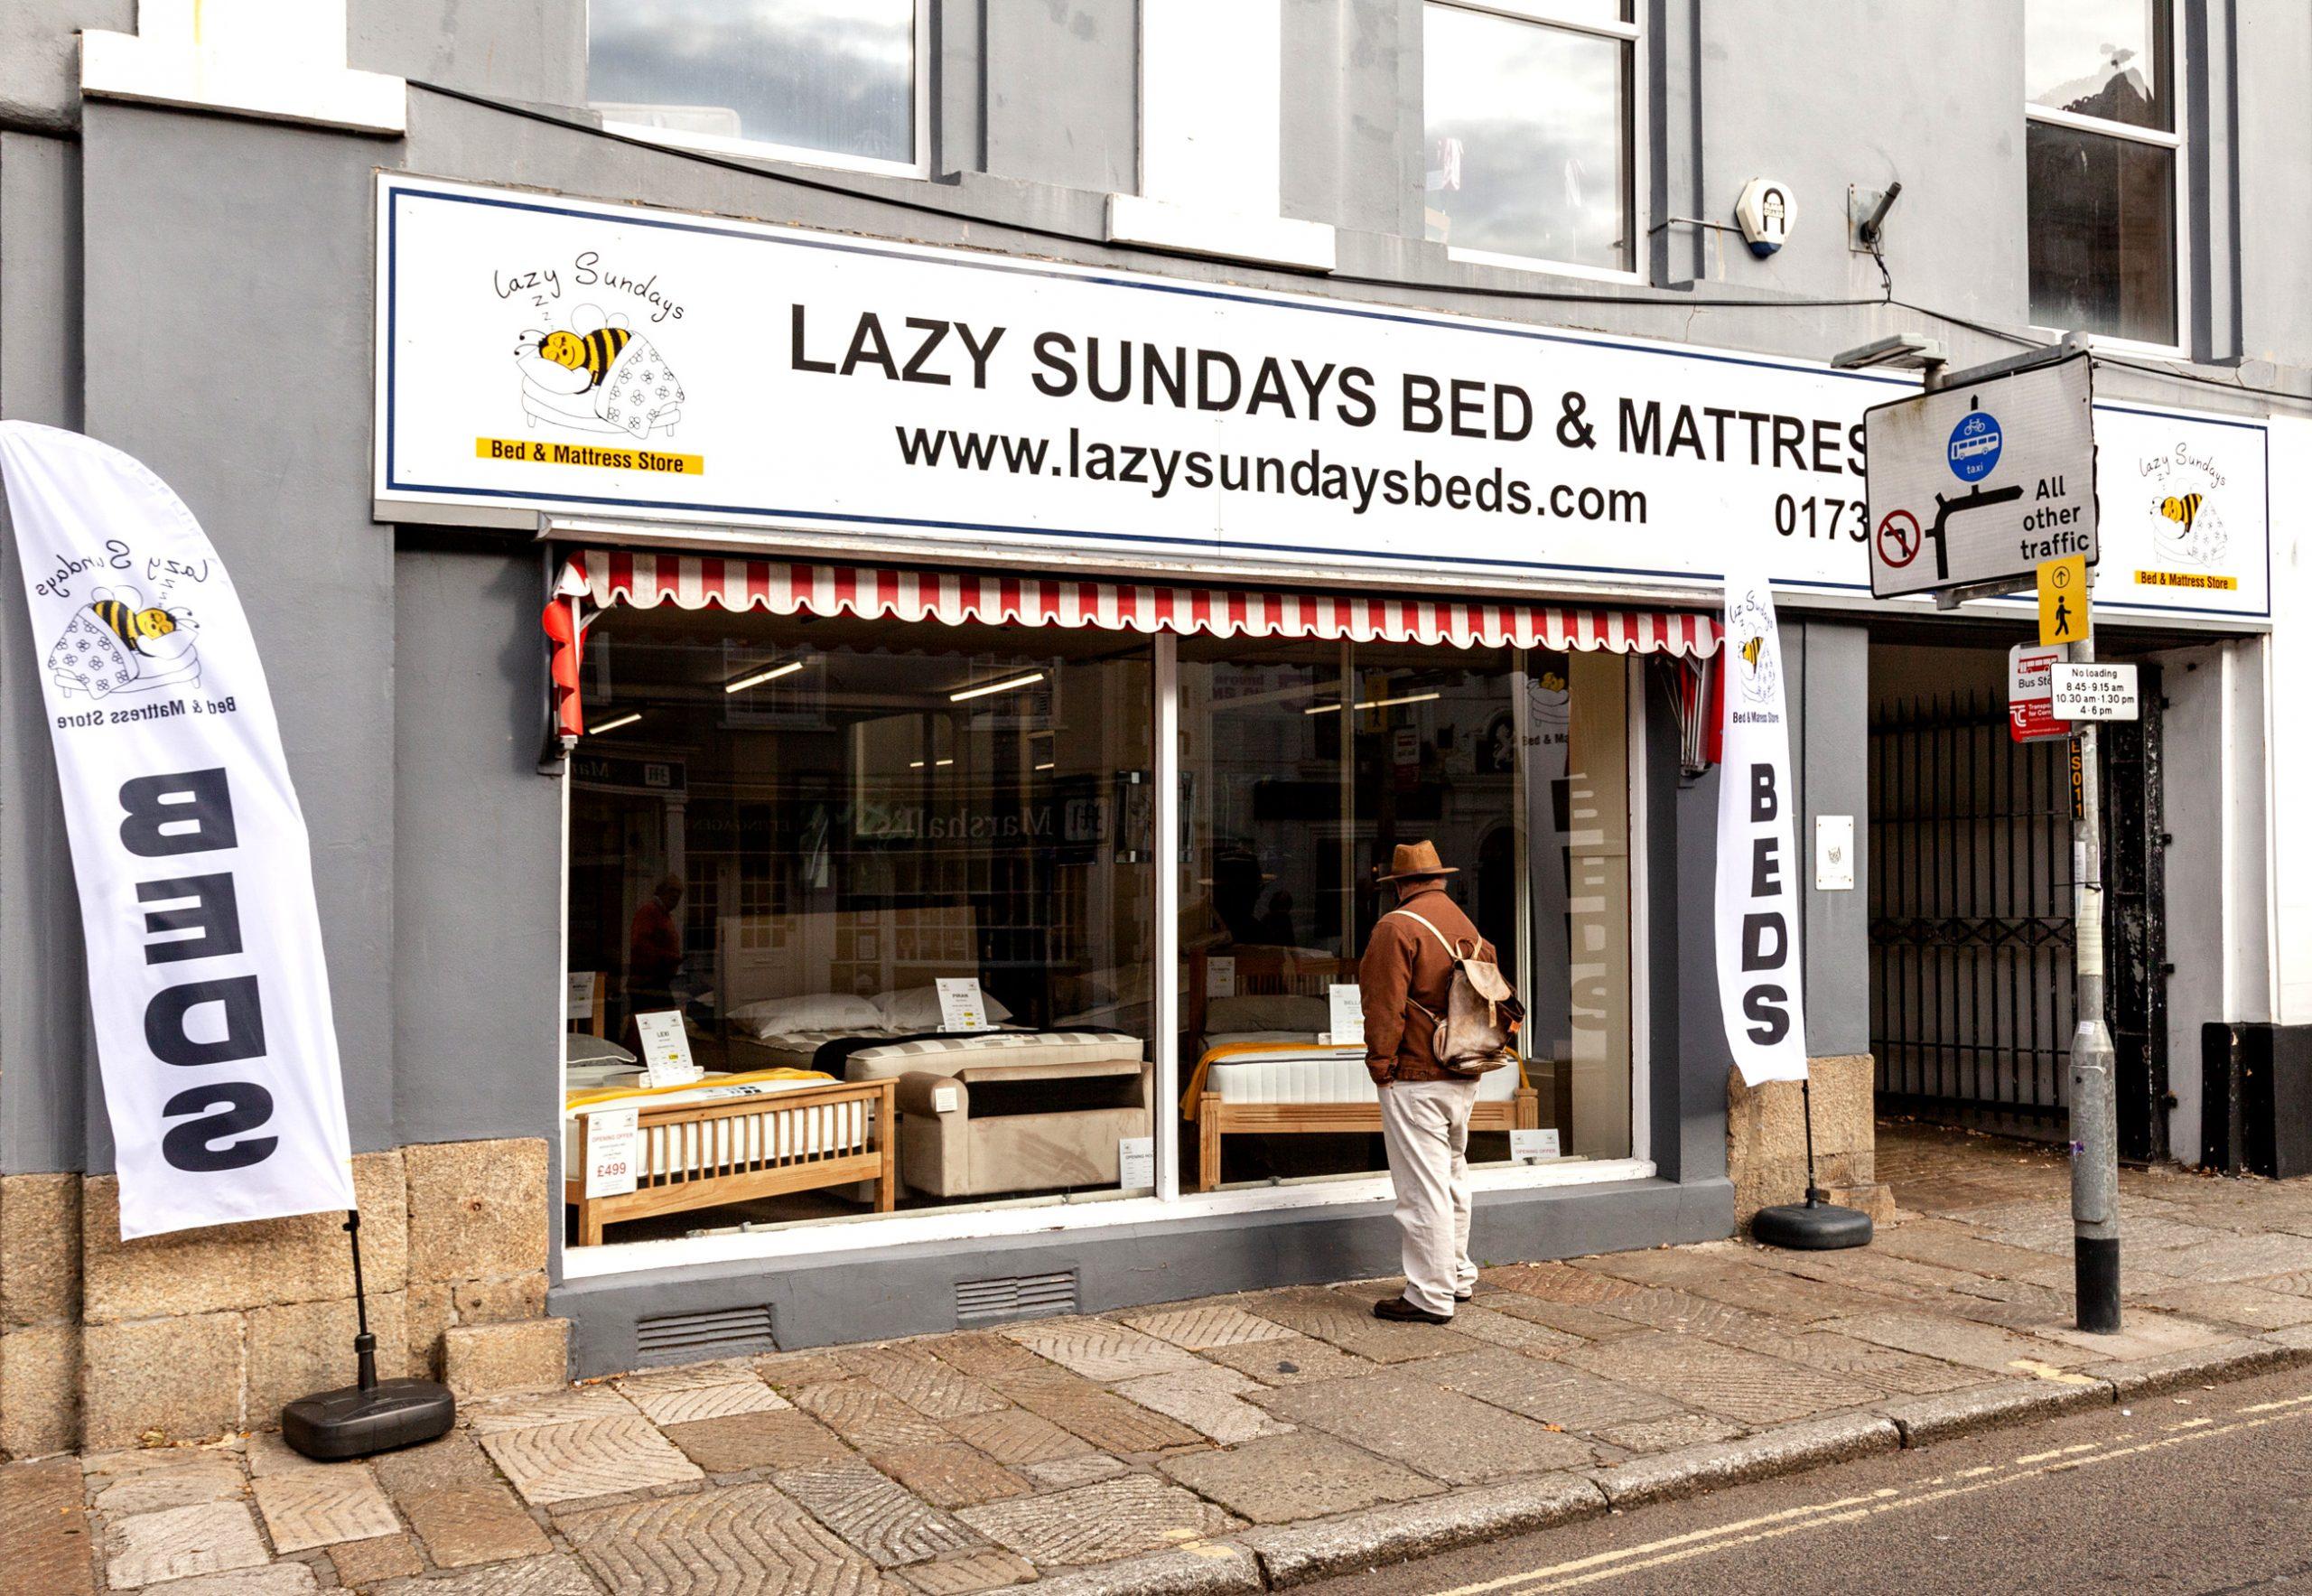 Lazy Sundays BedsPenzance